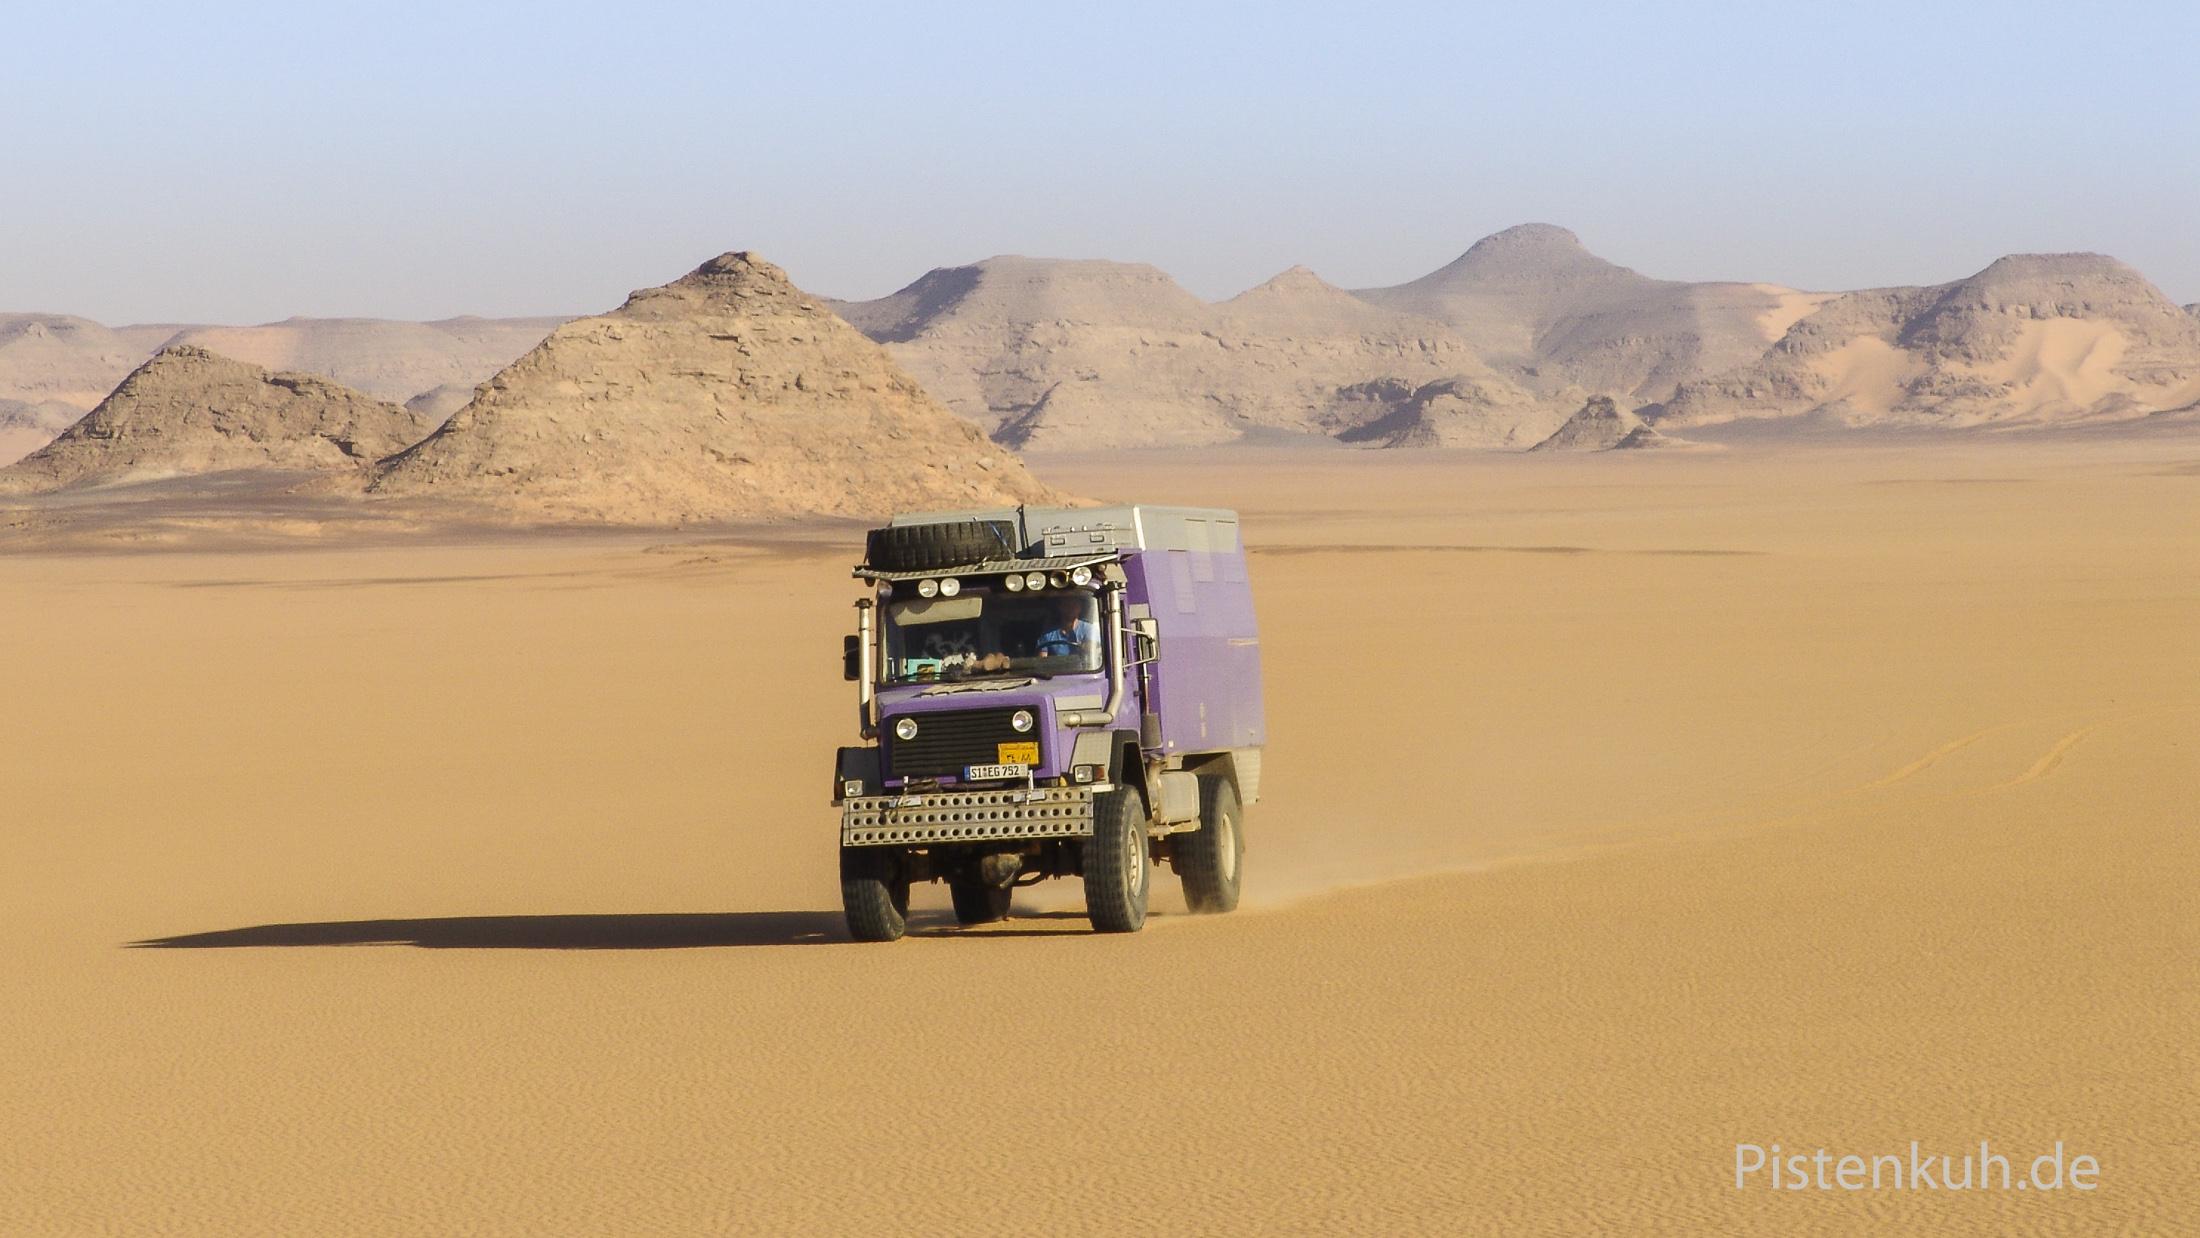 Einsame Fahrt durch die Wüste am Nasser Stausee